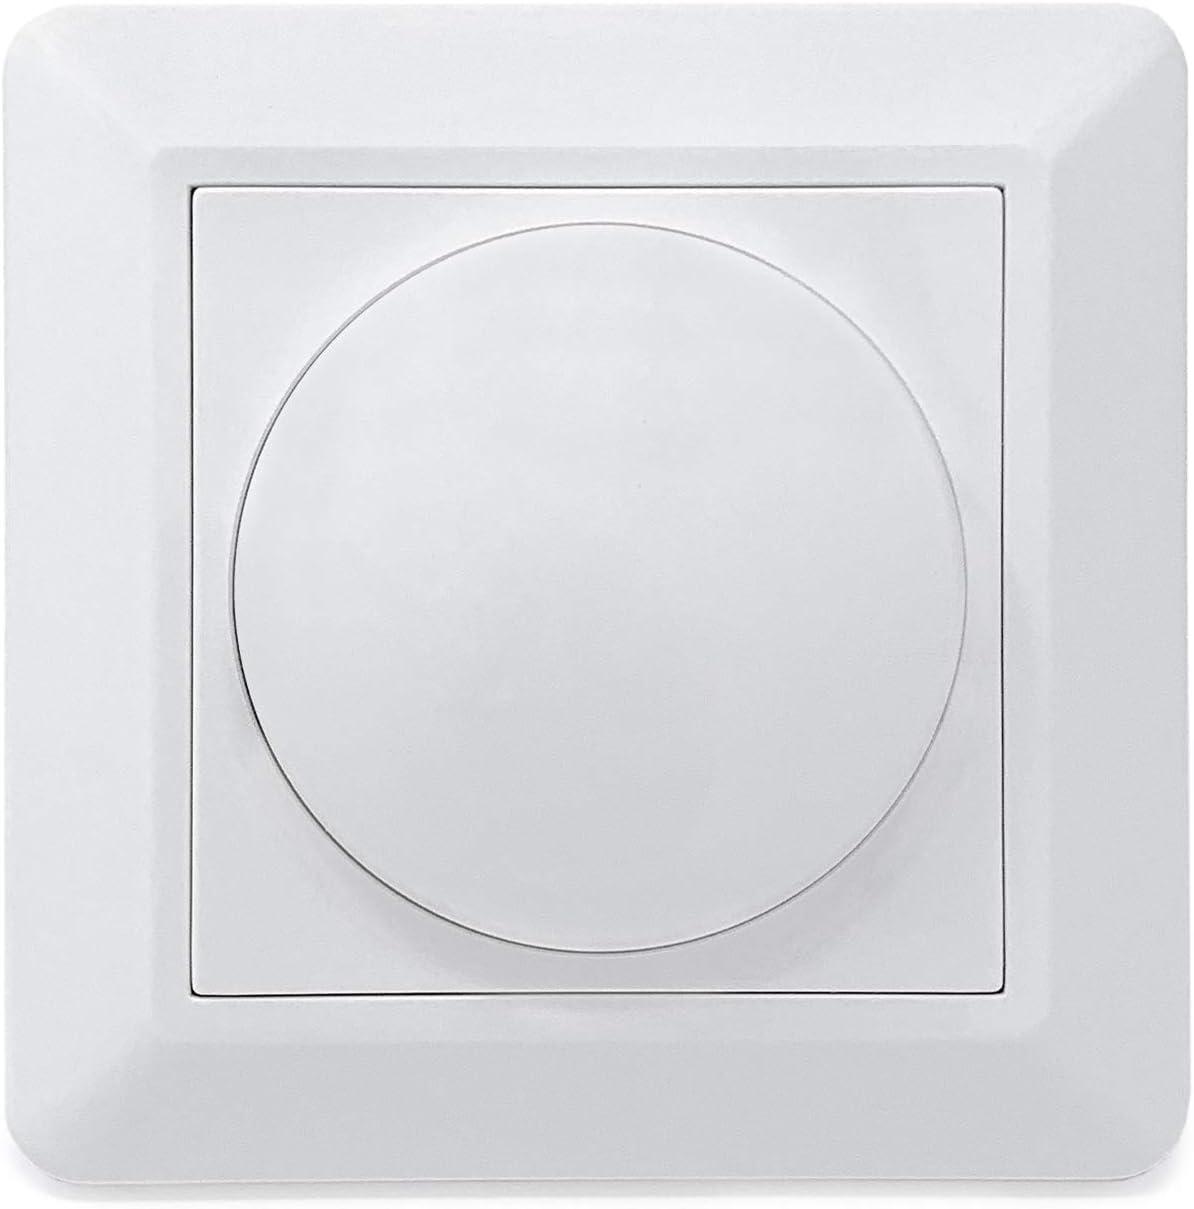 CROWN LED Regulador de intensidad con mando giratorio 230V + tornillos fijación, regulador giratorio empotrado blanco 3-100%, regulador con interruptor